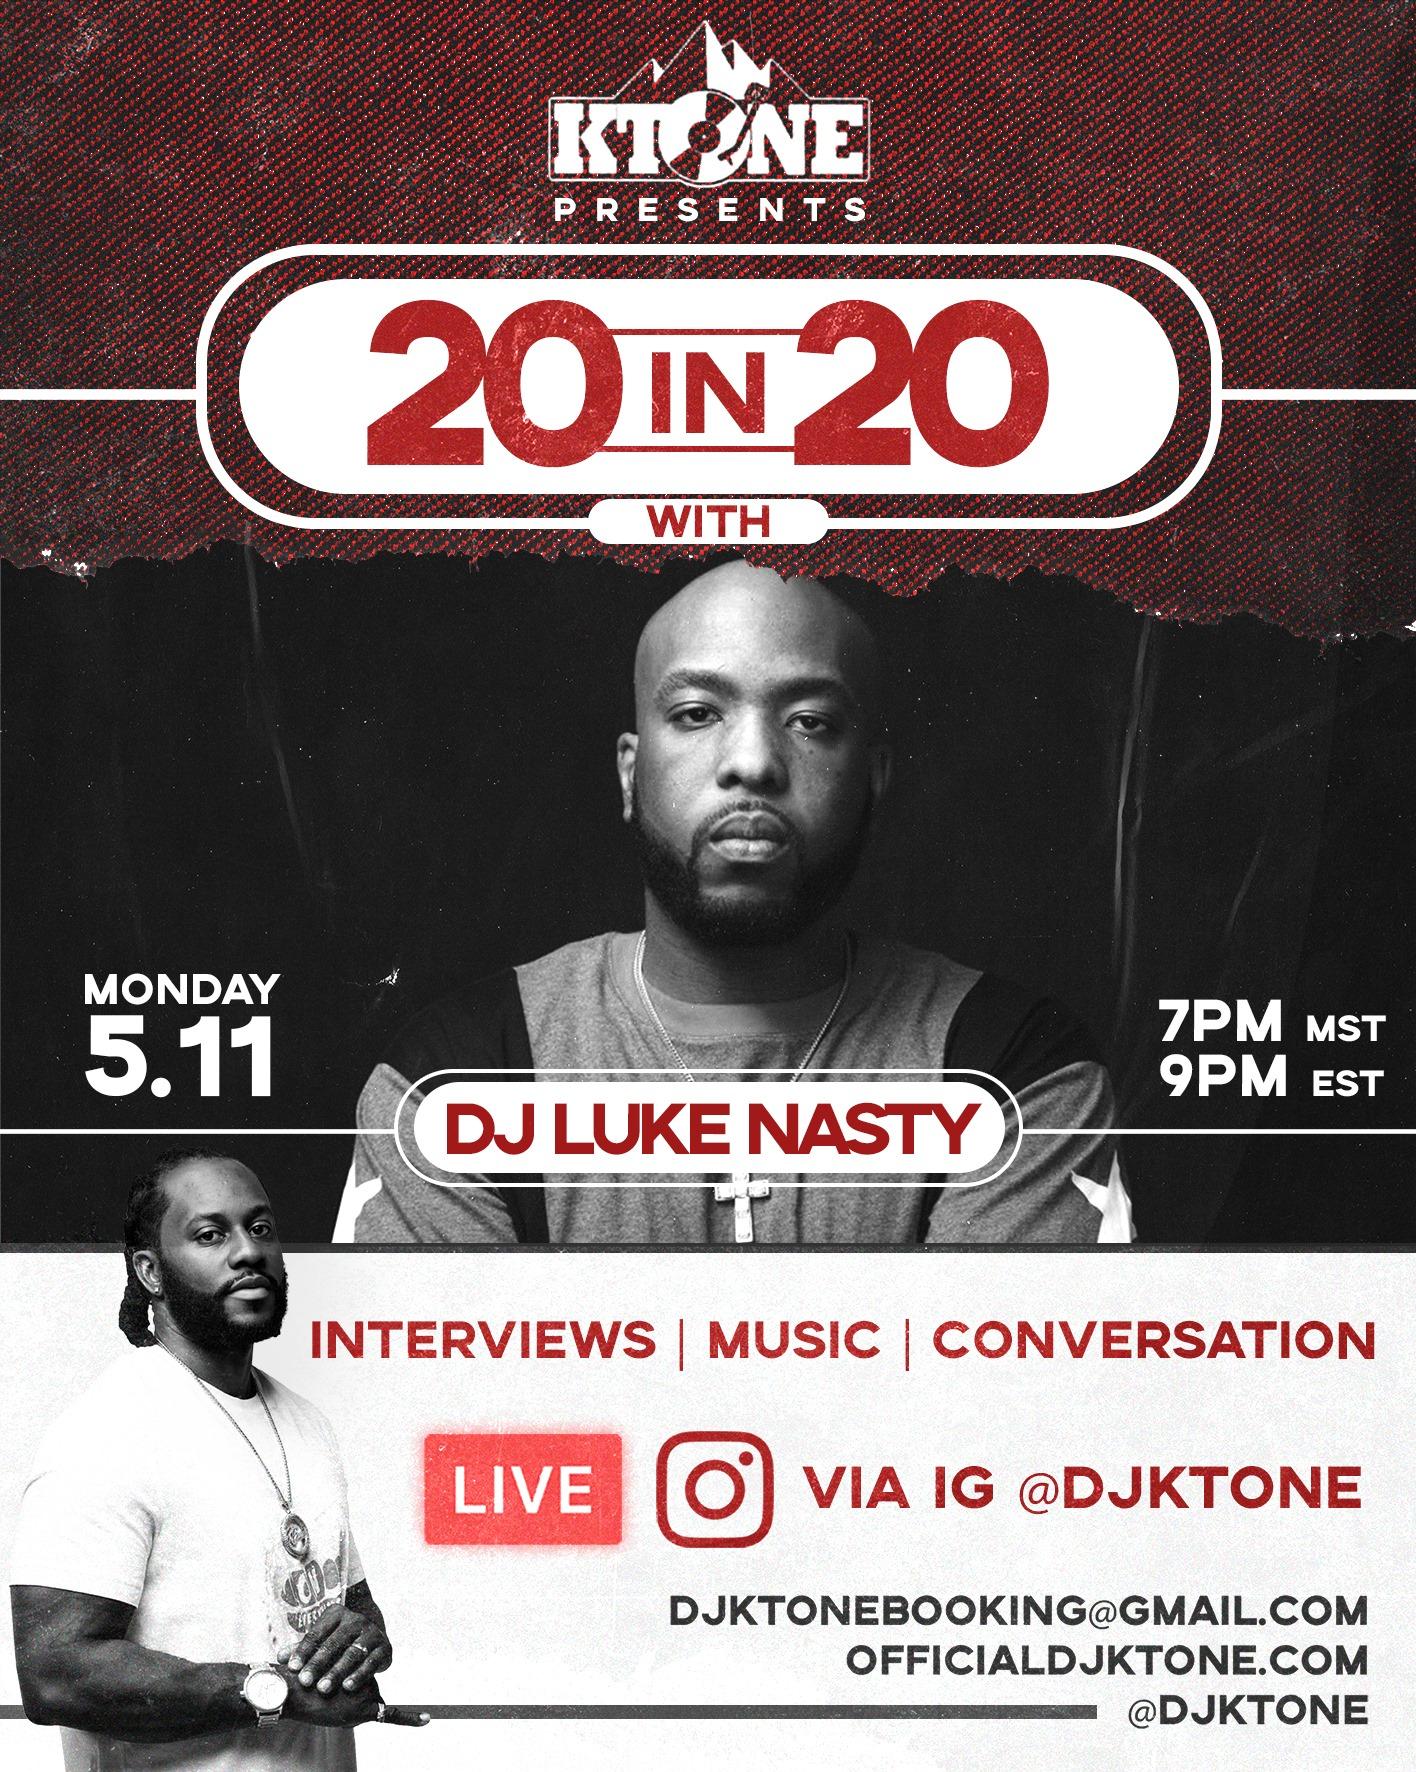 DJ Ktone 20 in 20 with DJ Luke Nasty